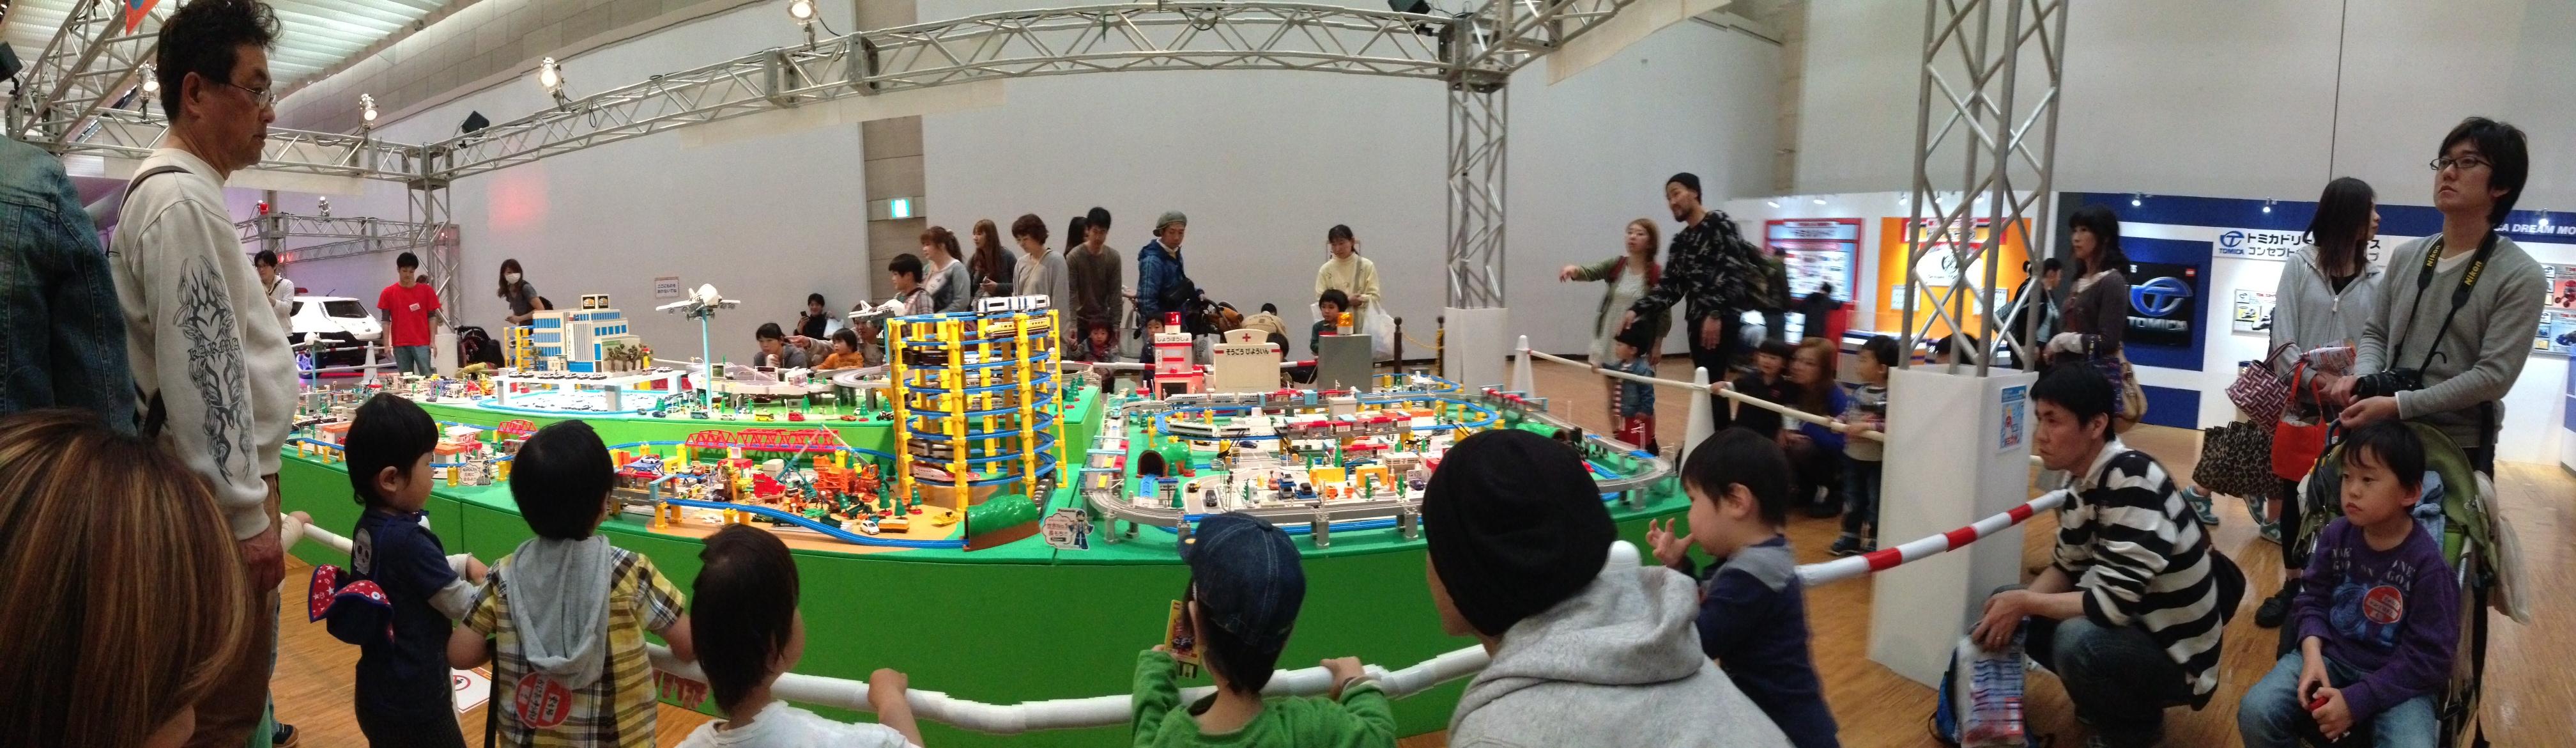 アトラクションゾーンのゲームの景品と、物販ブースで購入した分を合わせて8台くらいトミカが増えました。